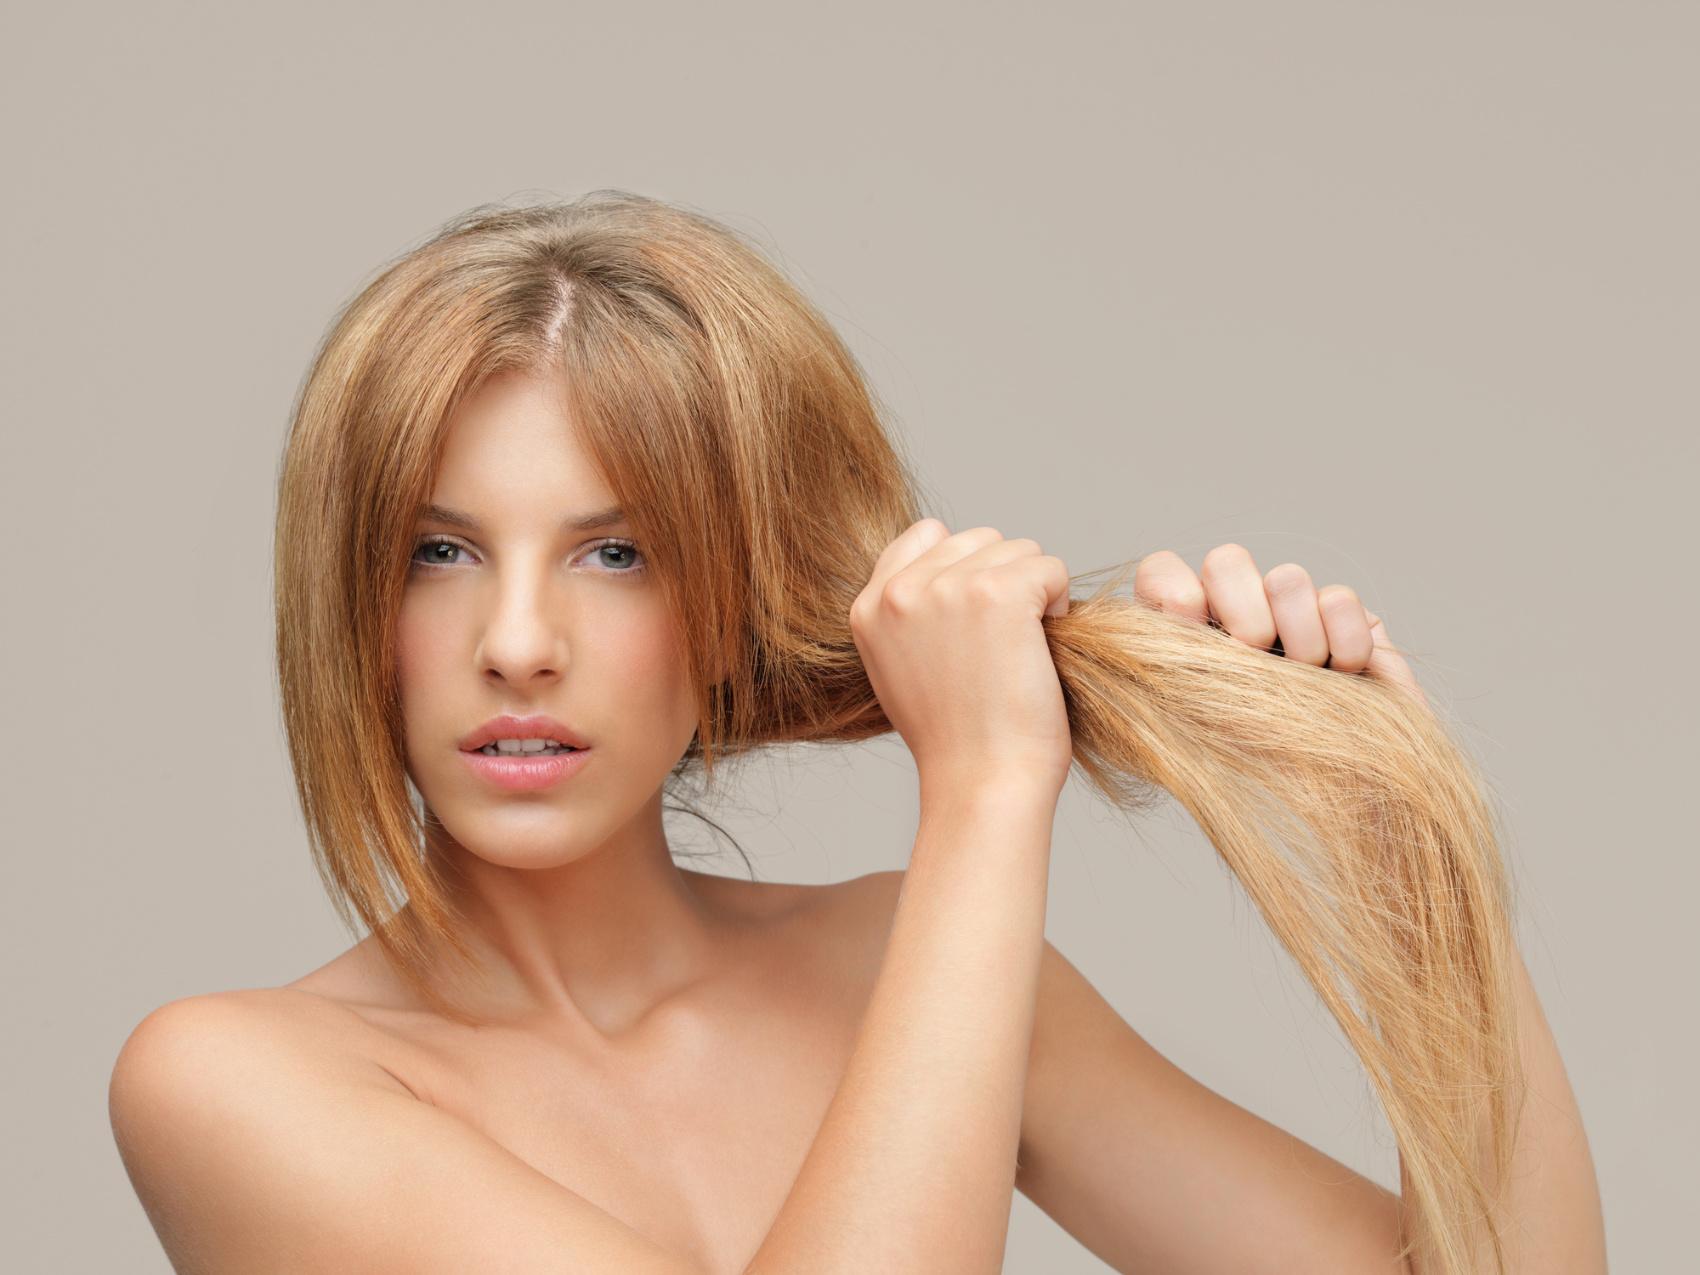 Рецепты для роста волос из лука